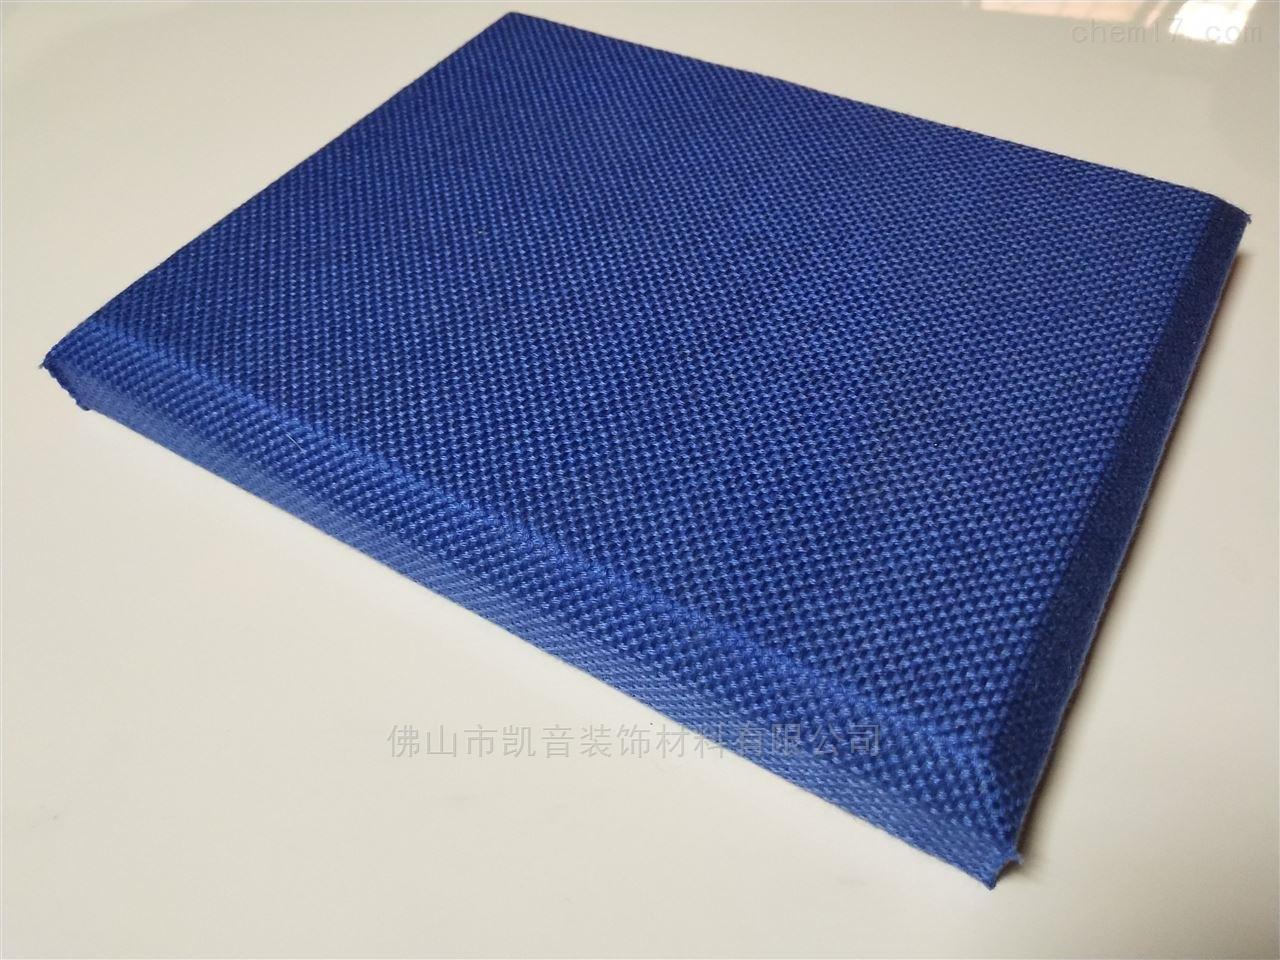 蓝颜色防撞软包厂家直销